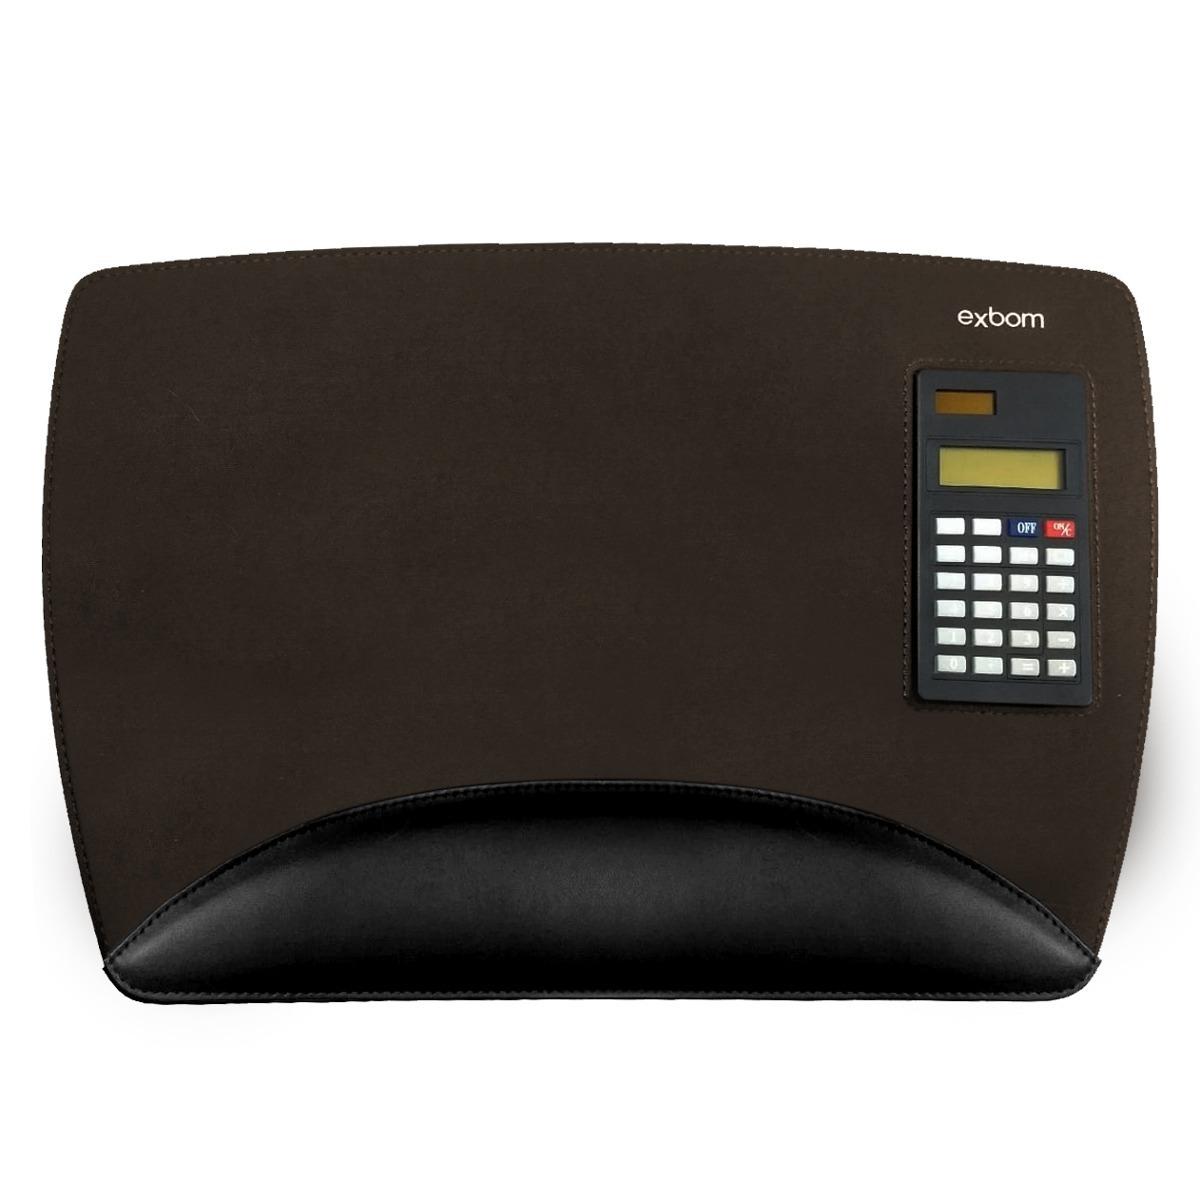 9acbb9ac7 mouse pad com calculadora solar e apoio para punho - exbom. Carregando zoom.